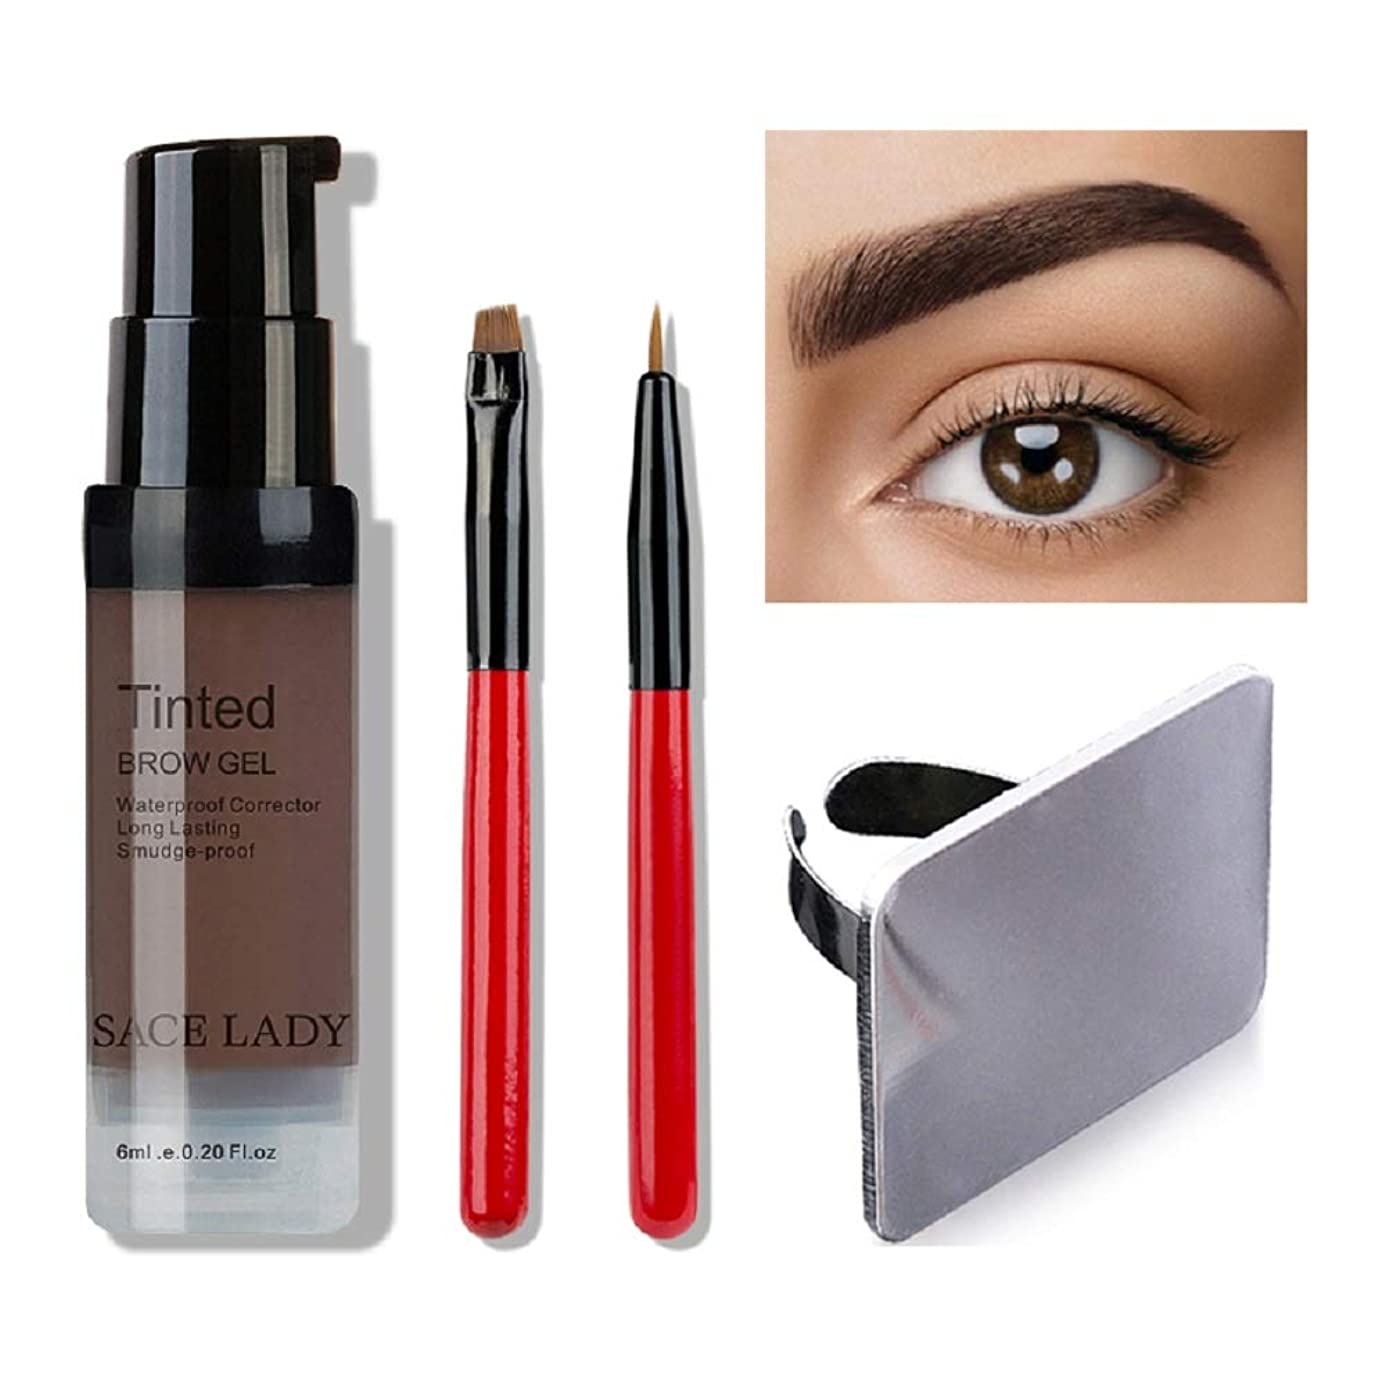 クラウン製造業ステーキWaterproof Eyebrow Shadow Henna Makeup Enhancer Tint Brush Kit Eye Brow Gel Cream Make Up Set Paint Tool Wax Cosmetic (Dark Brown) 防水眉毛シャドウヘナメイクアップエンハンサティントブラシキットアイブロジェルクリームメイクアップペイントツールワックス化粧品(ダークブラウン)